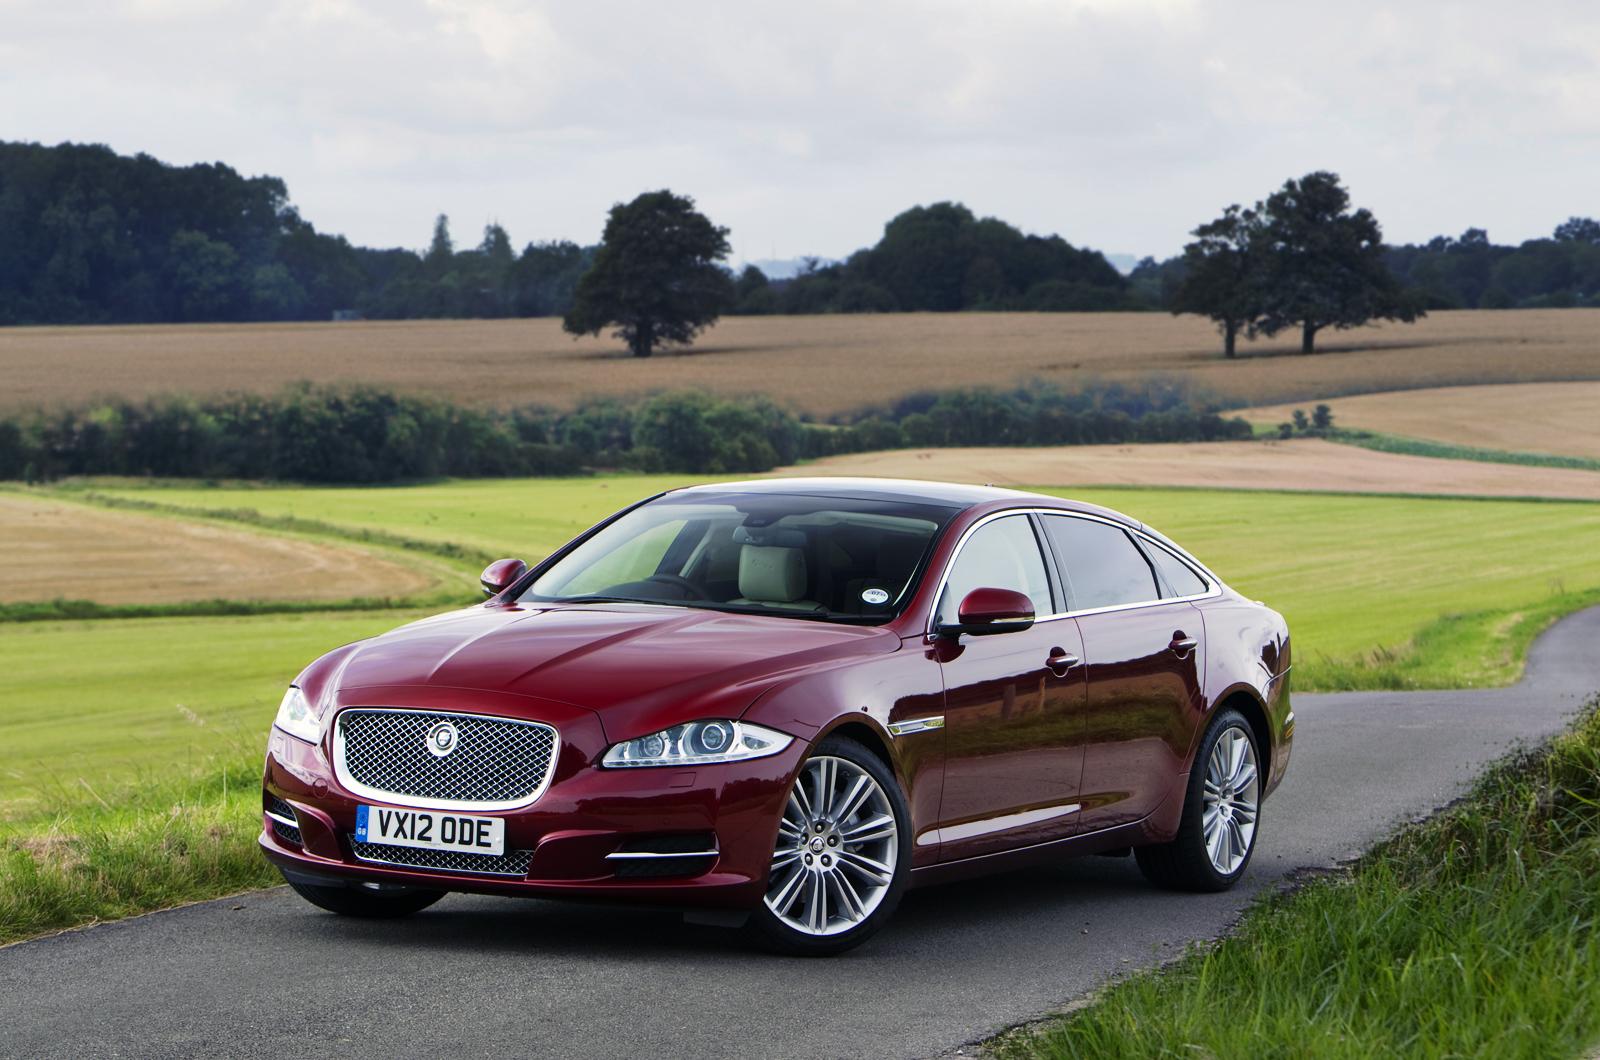 2013 jaguar related images start 0 weili automotive network. Black Bedroom Furniture Sets. Home Design Ideas